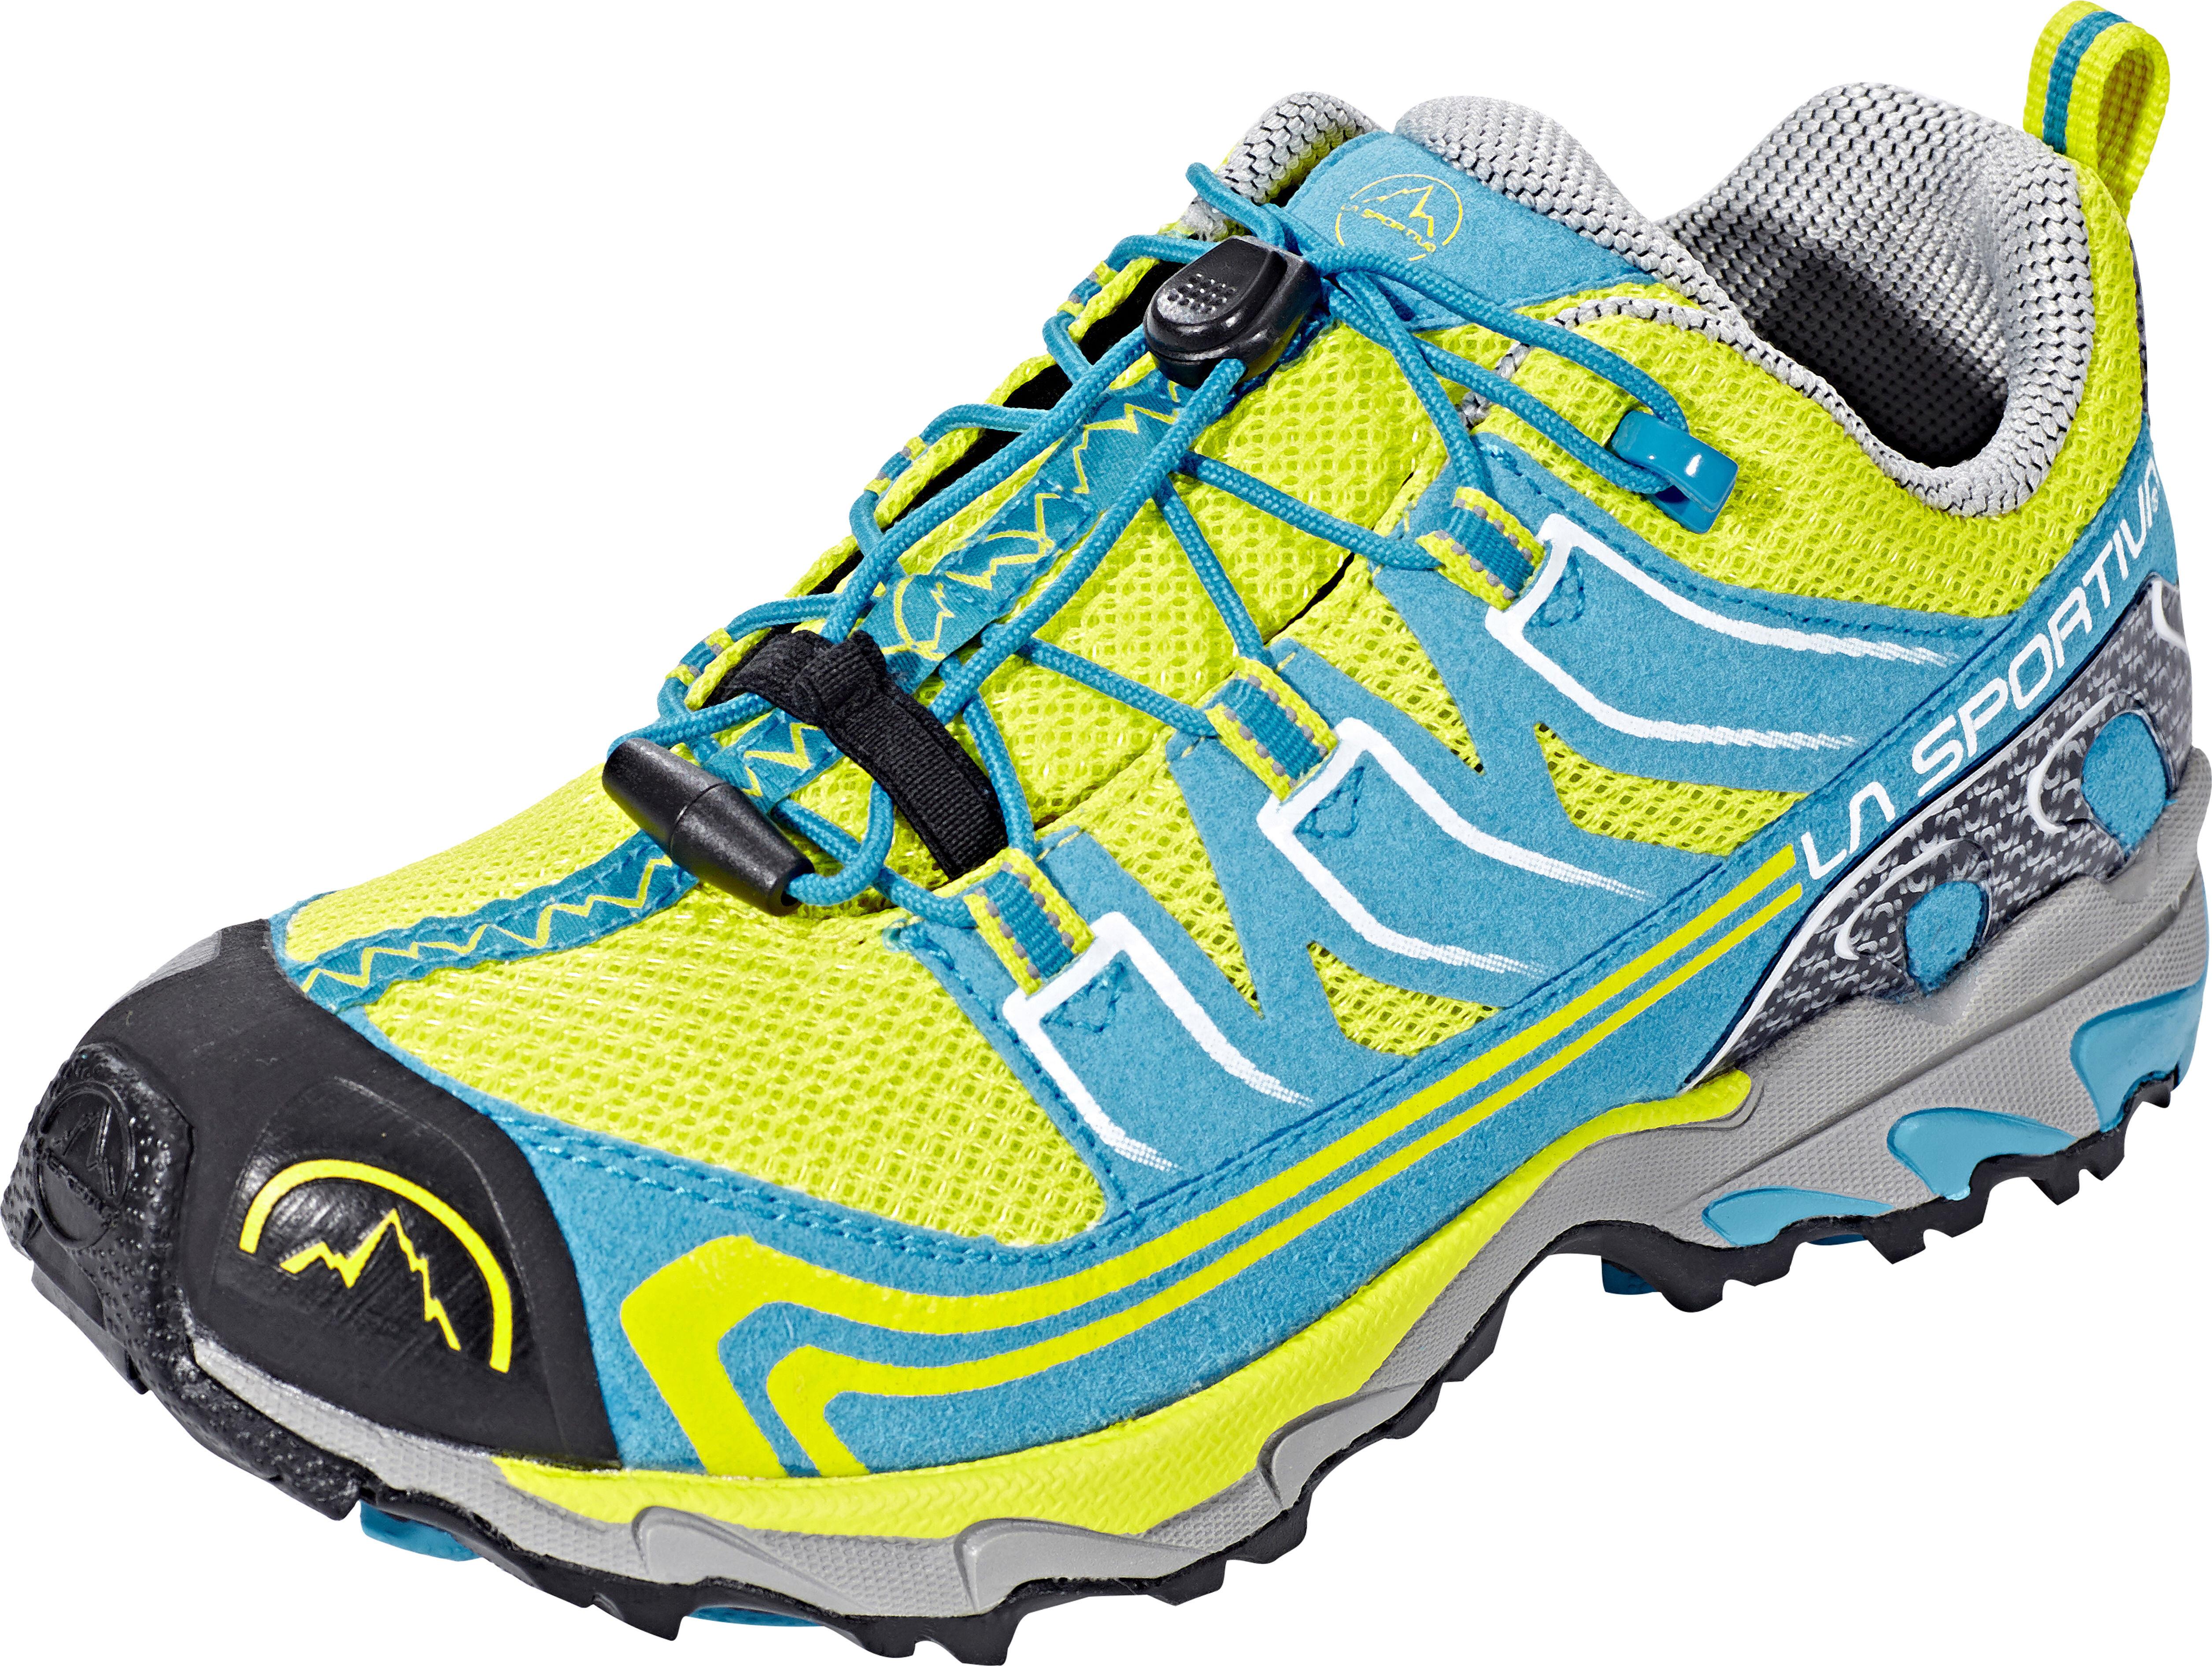 84d9905656872 La Sportiva Falkon Low - Chaussures running Enfant - jaune bleu sur ...